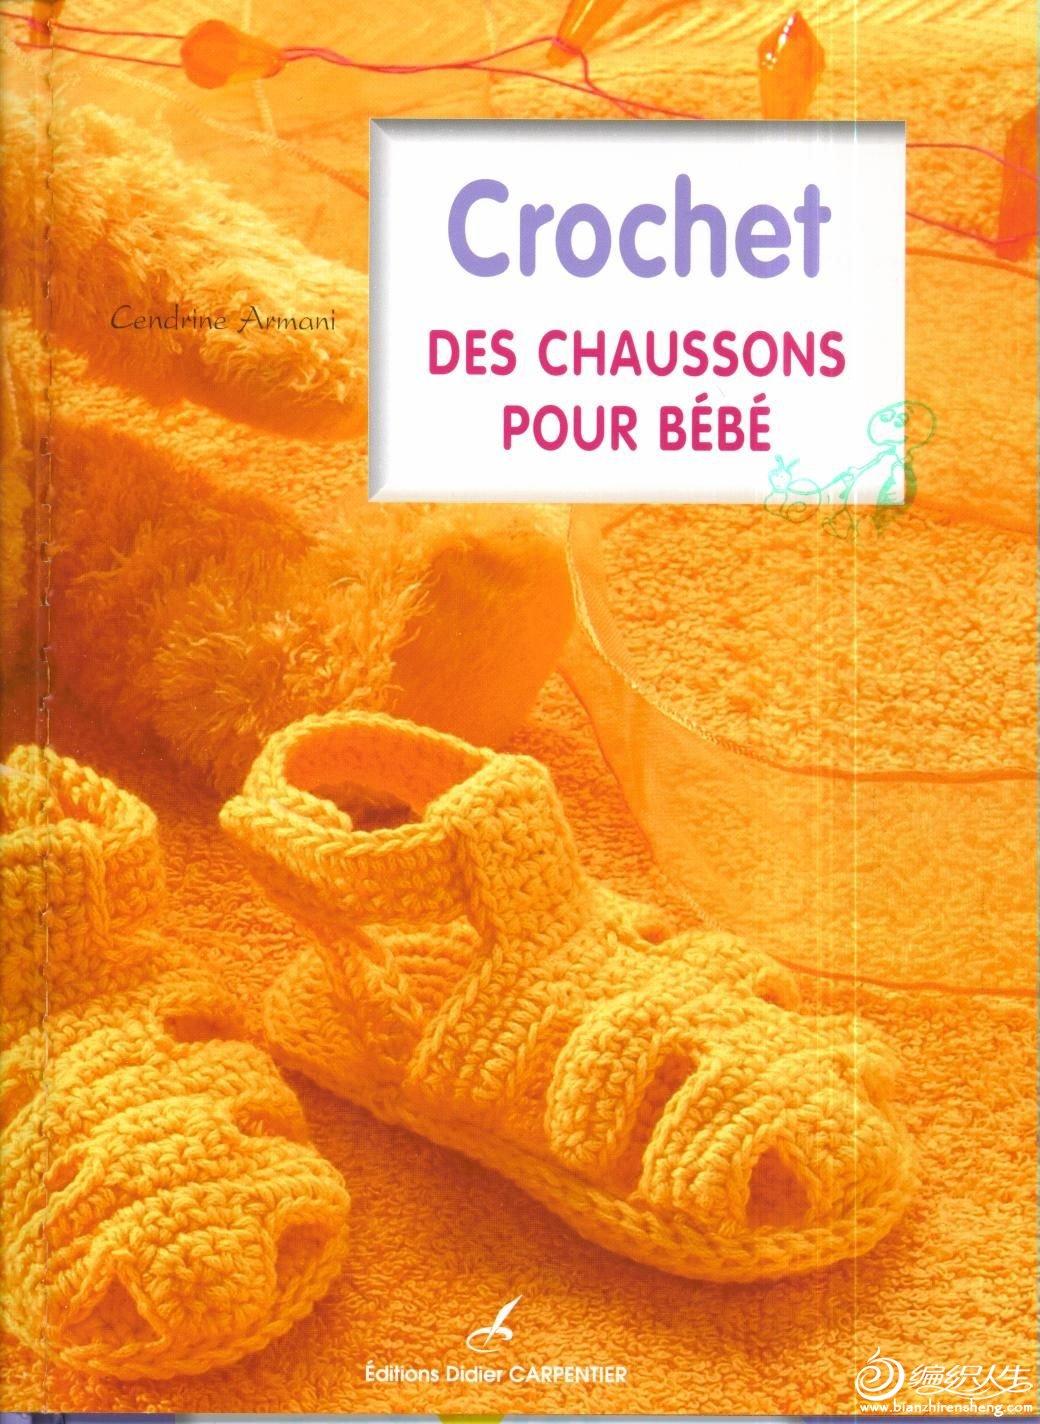 Chaussons BB_ 001a.jpg